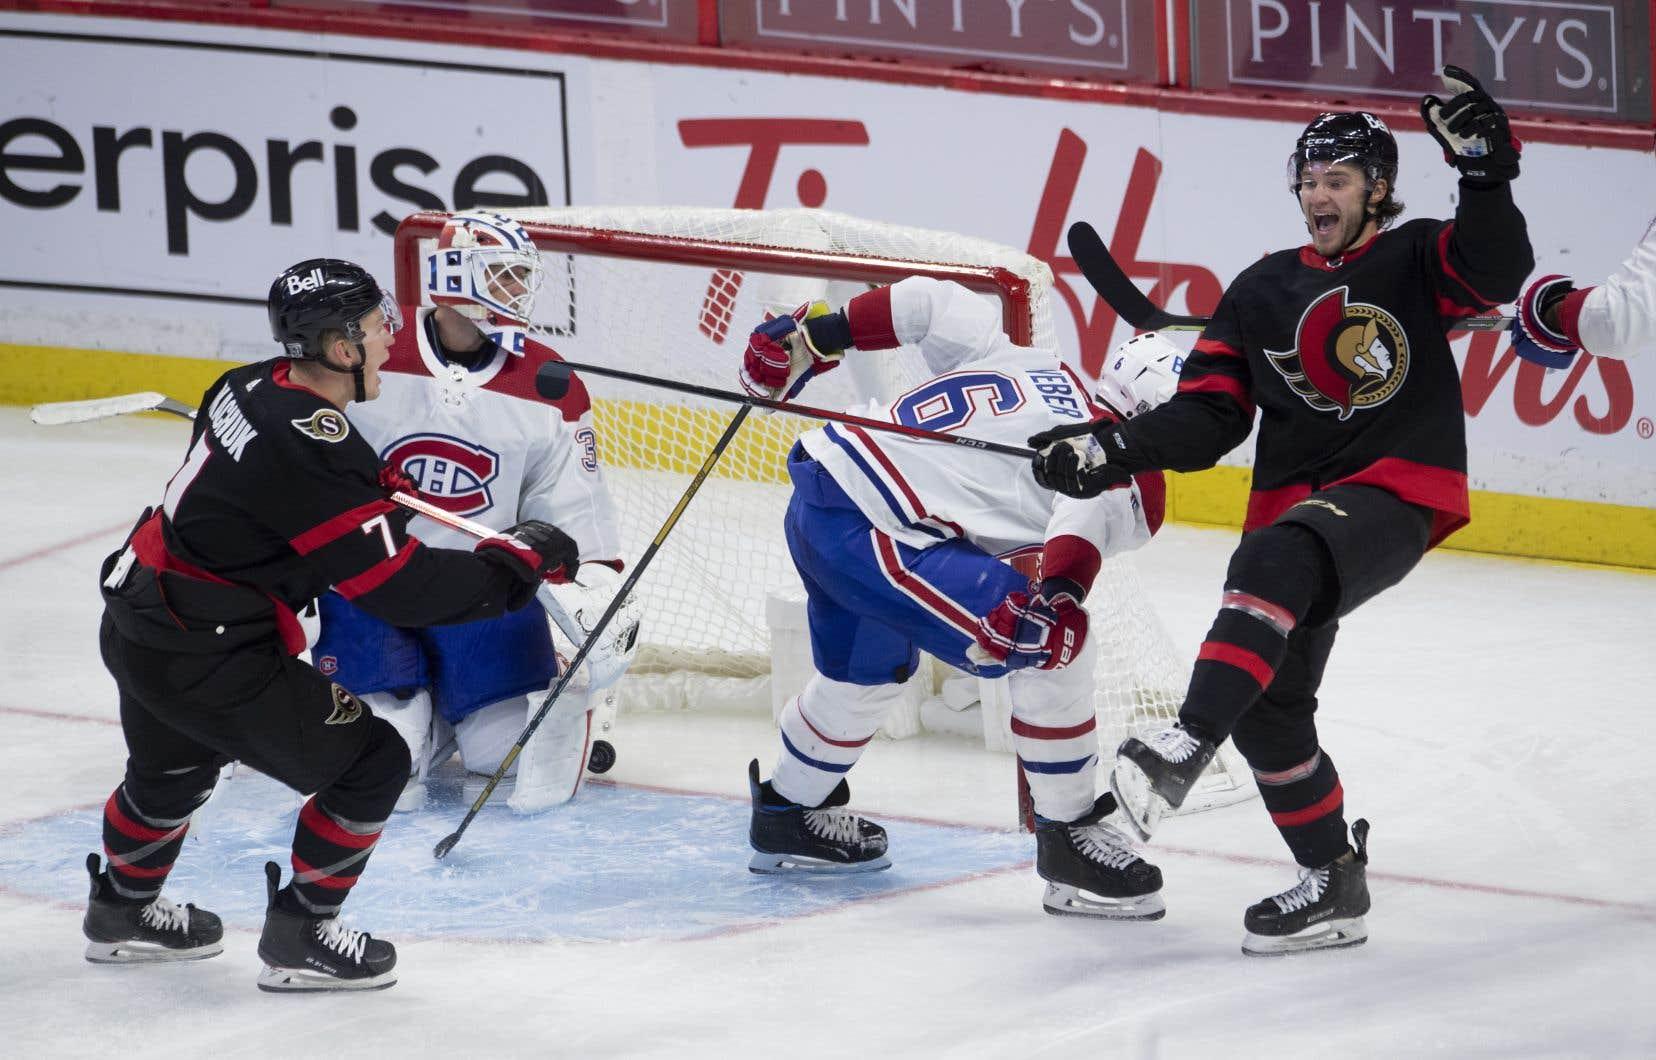 Brady Tkachuk a fait bouger les cordages en prolongation et les Sénateurs d'Ottawa ont défait Tricolore 3-2.